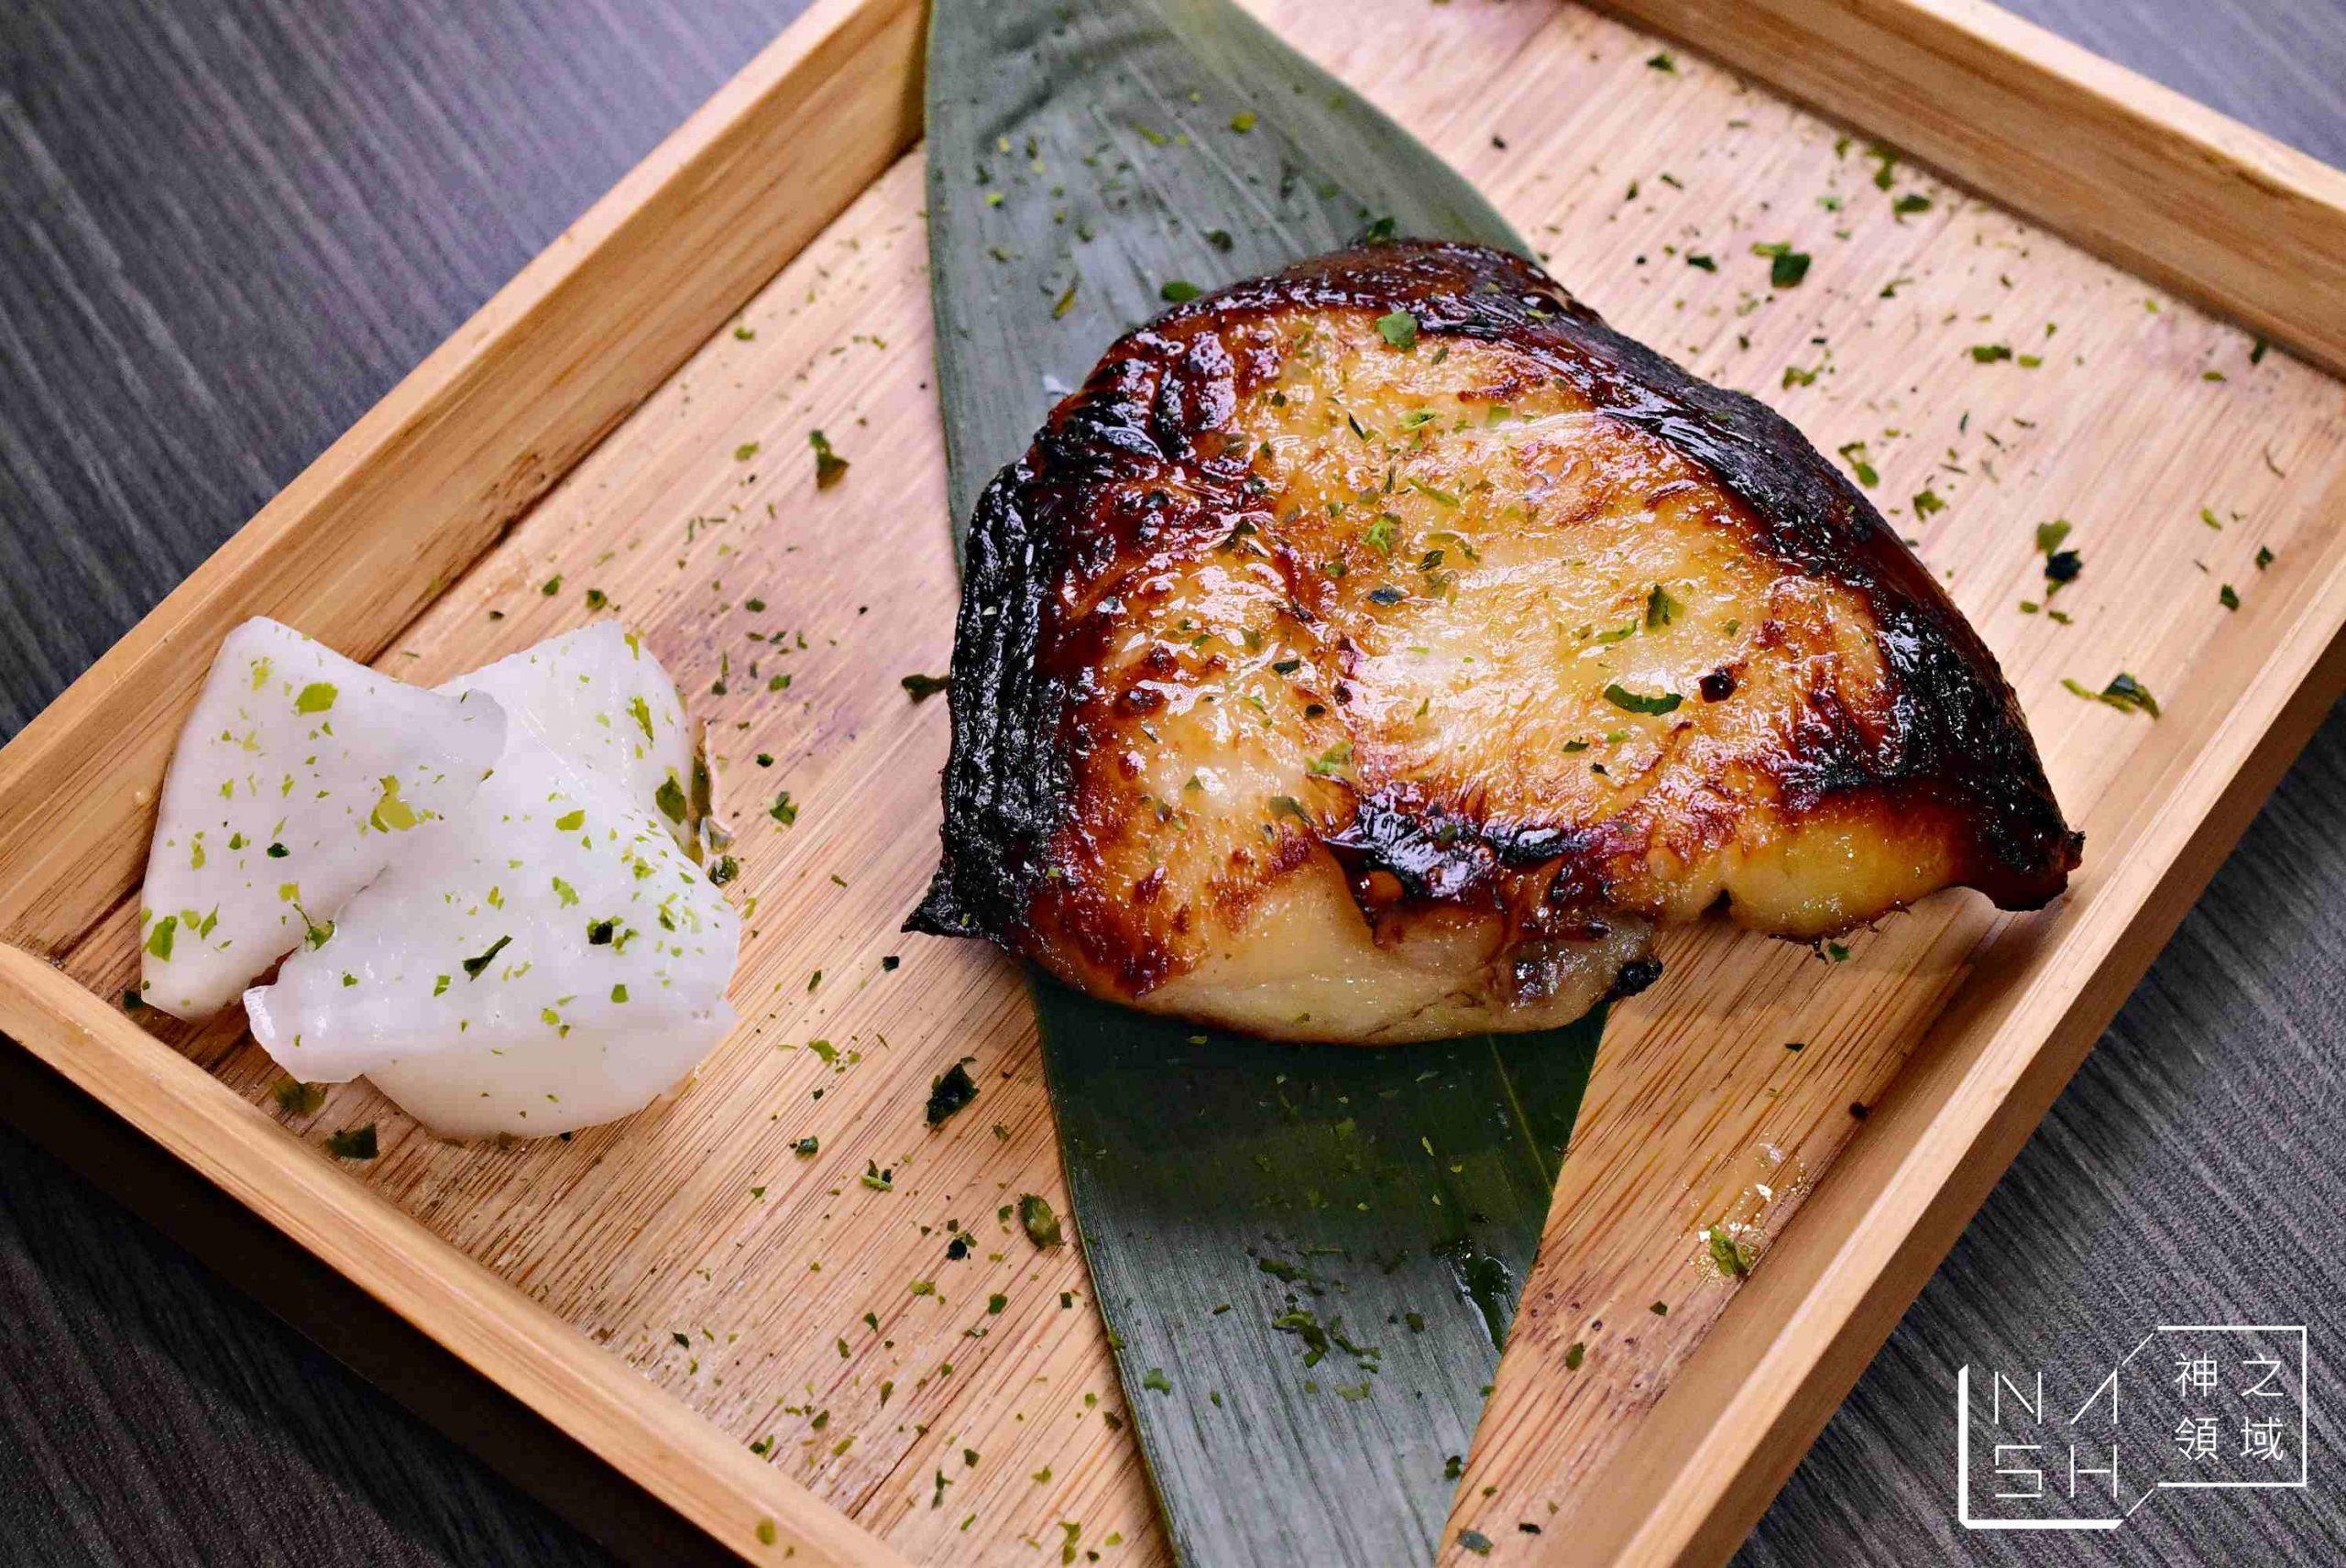 賞鮨手作料理店